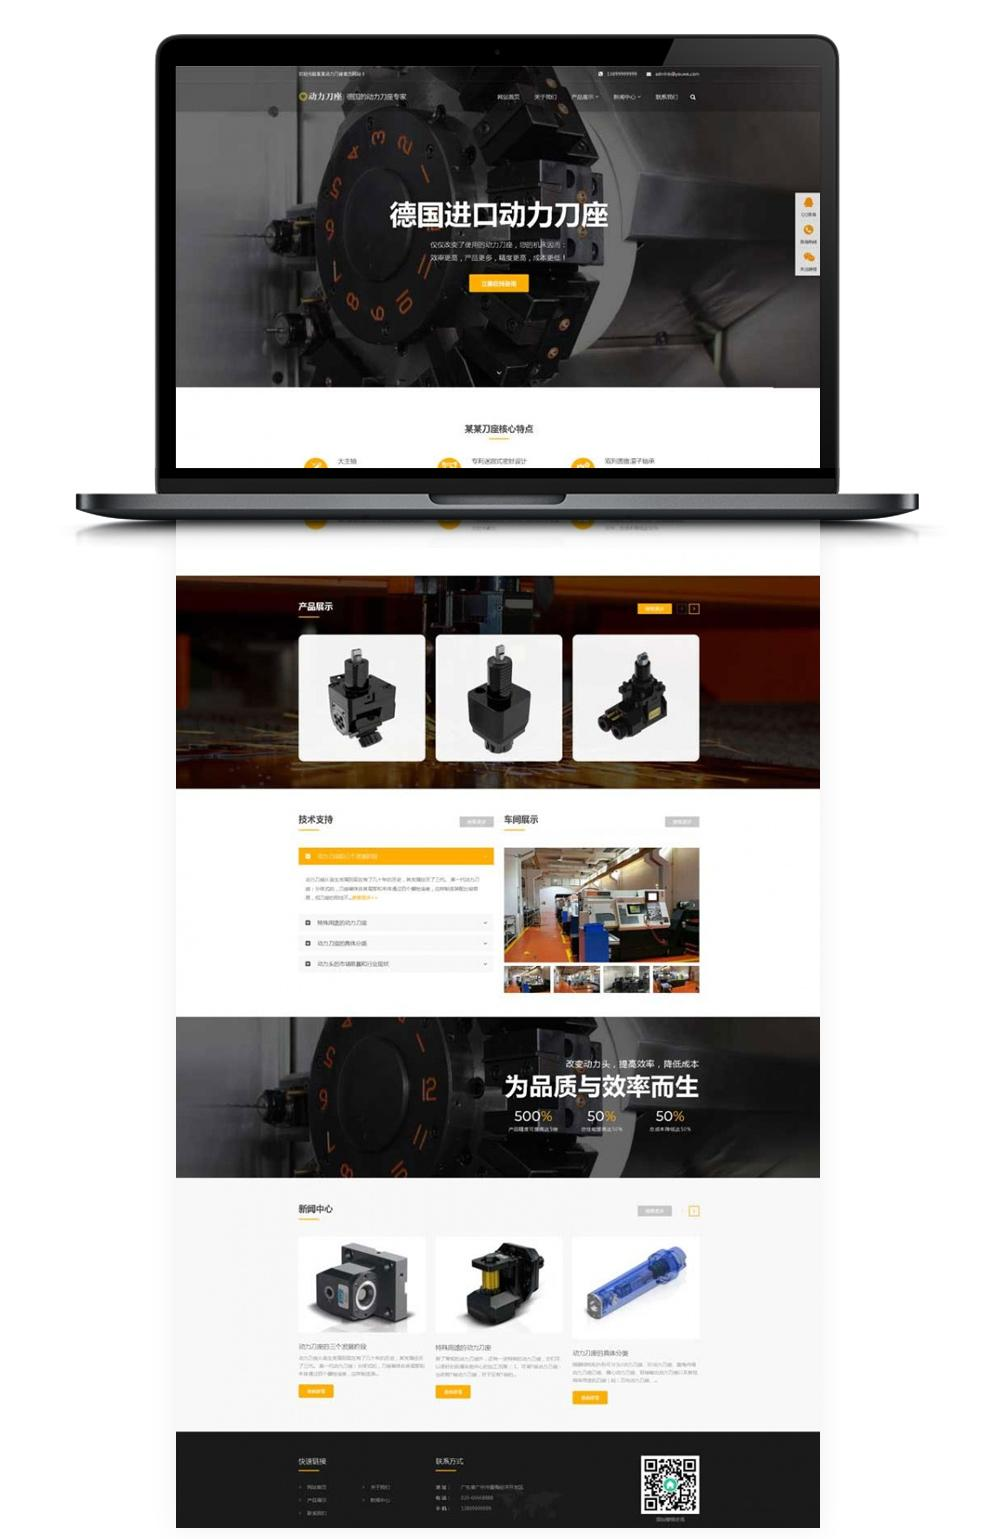 【企业网站模板】DEDECMS织梦大型五金模型企业公司网站模板 自适应手机移动端